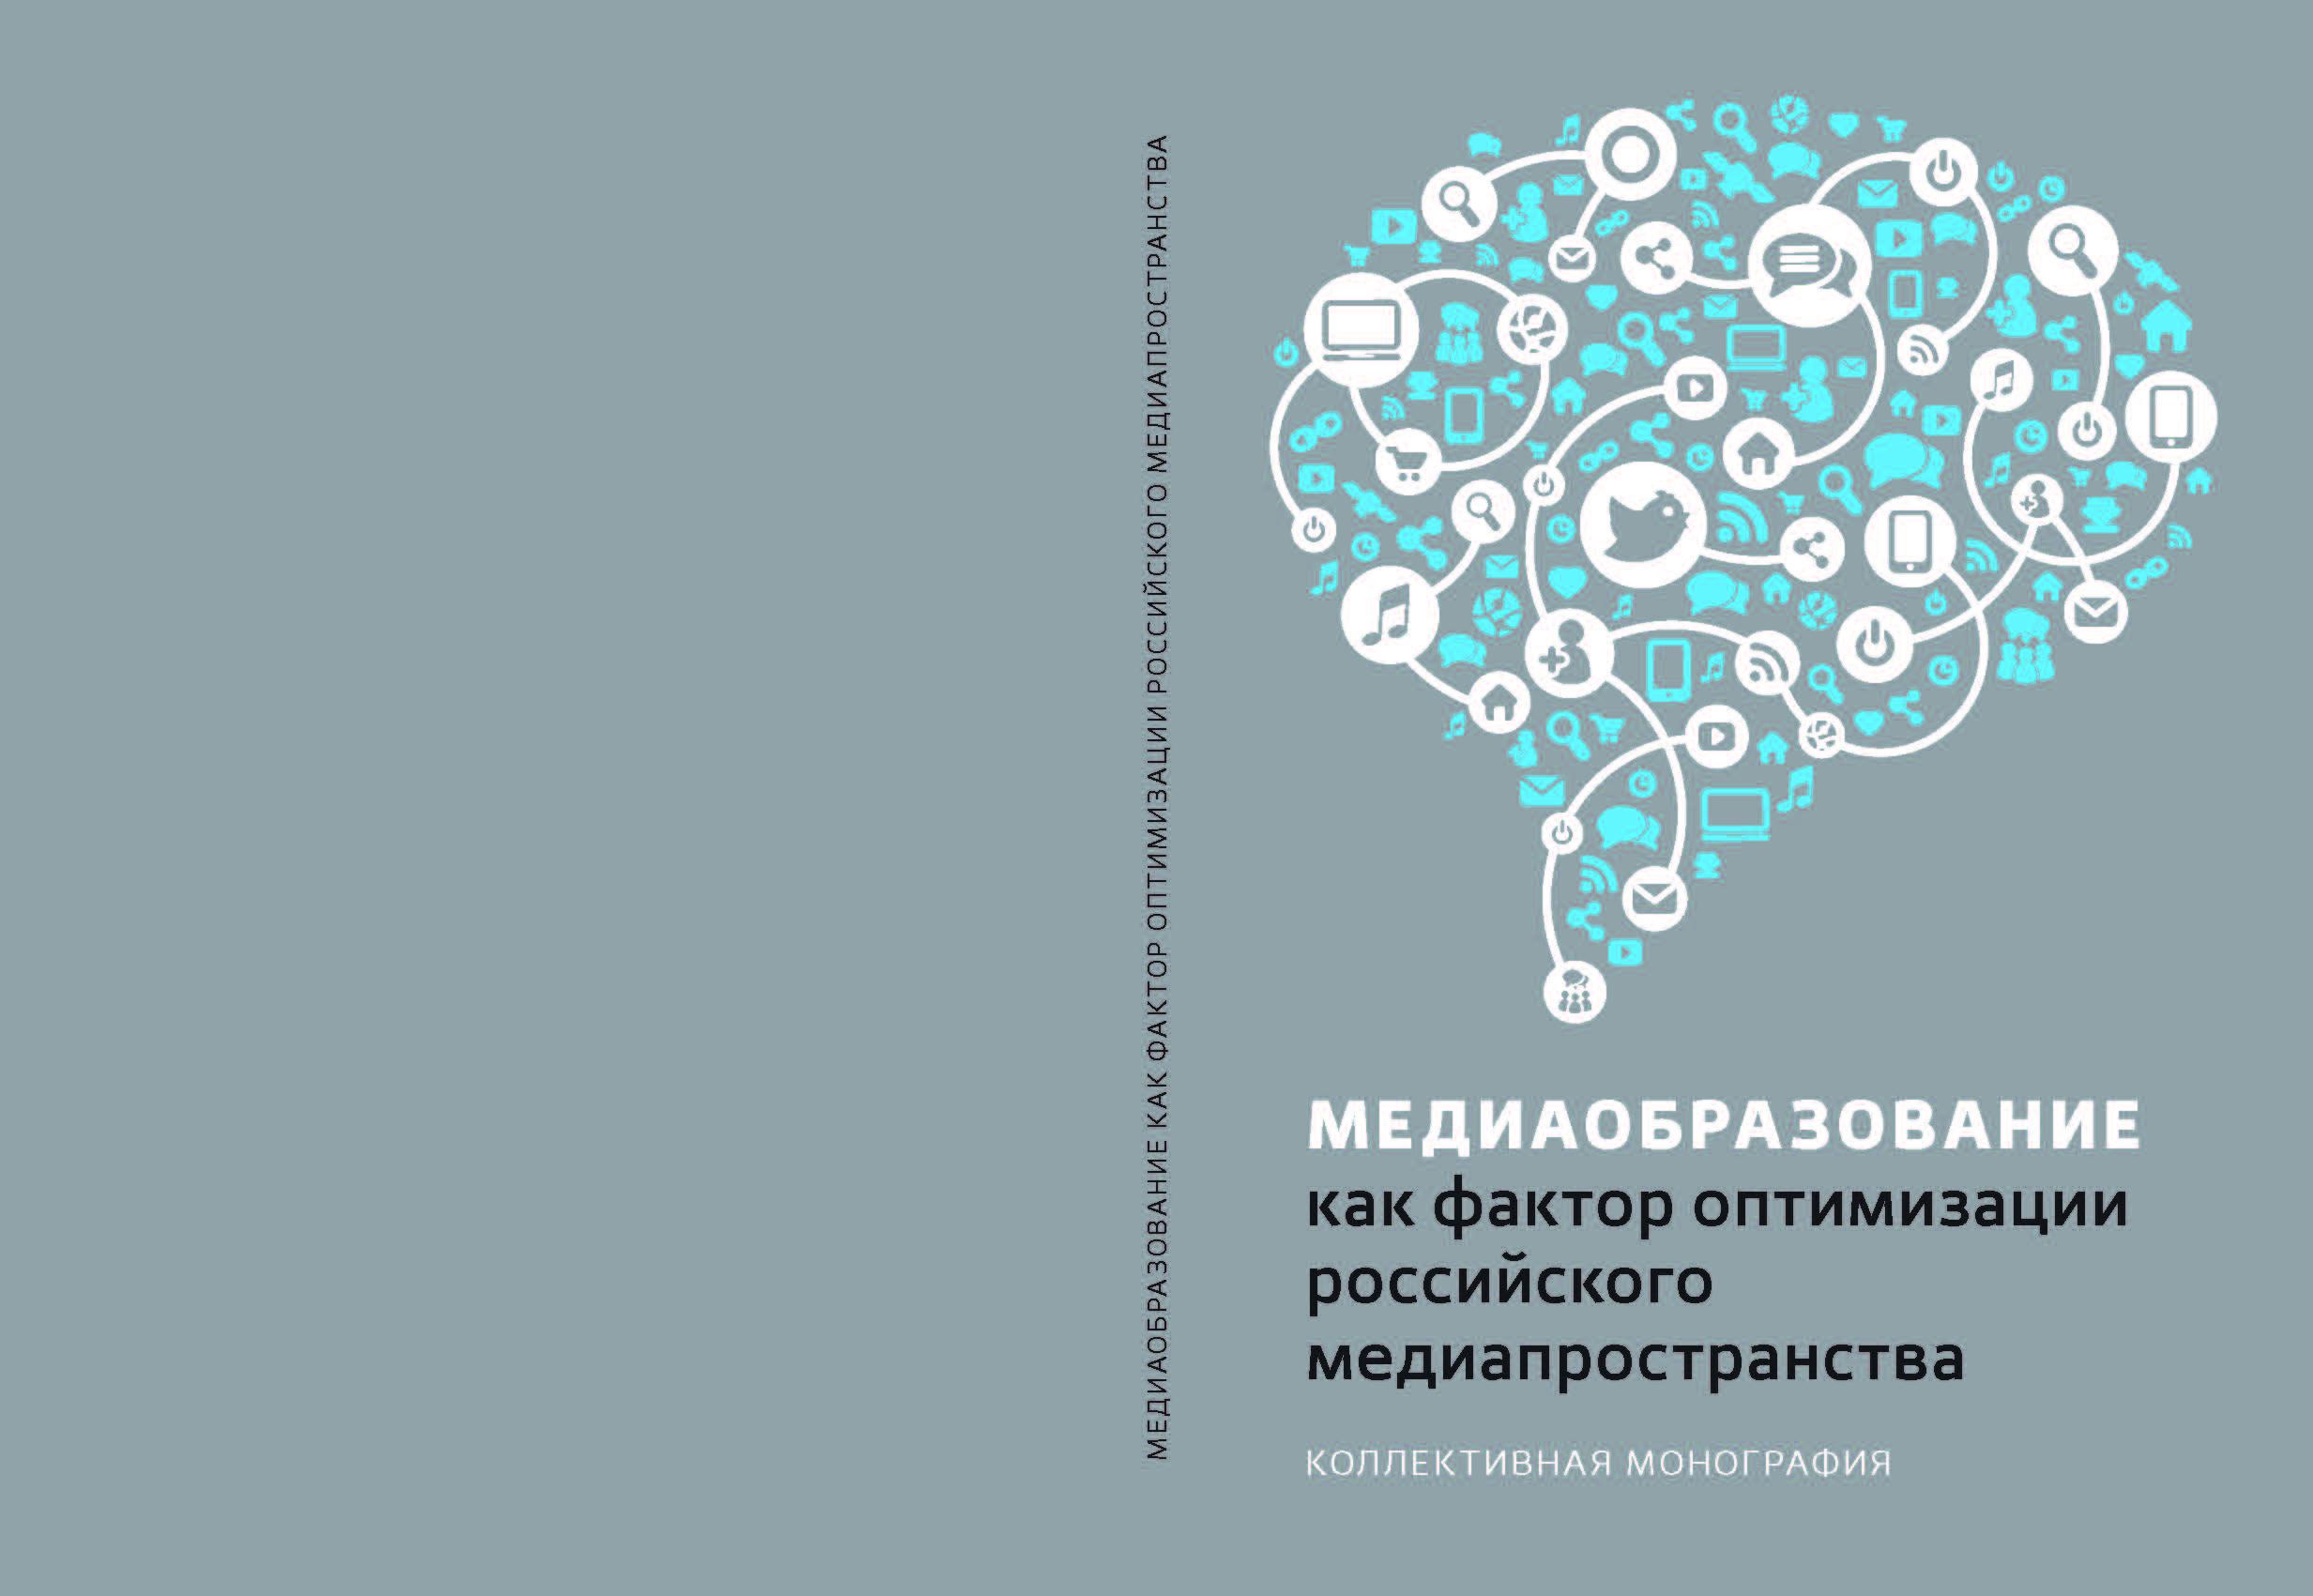 О необходимости реконцептуализации медиаобразования